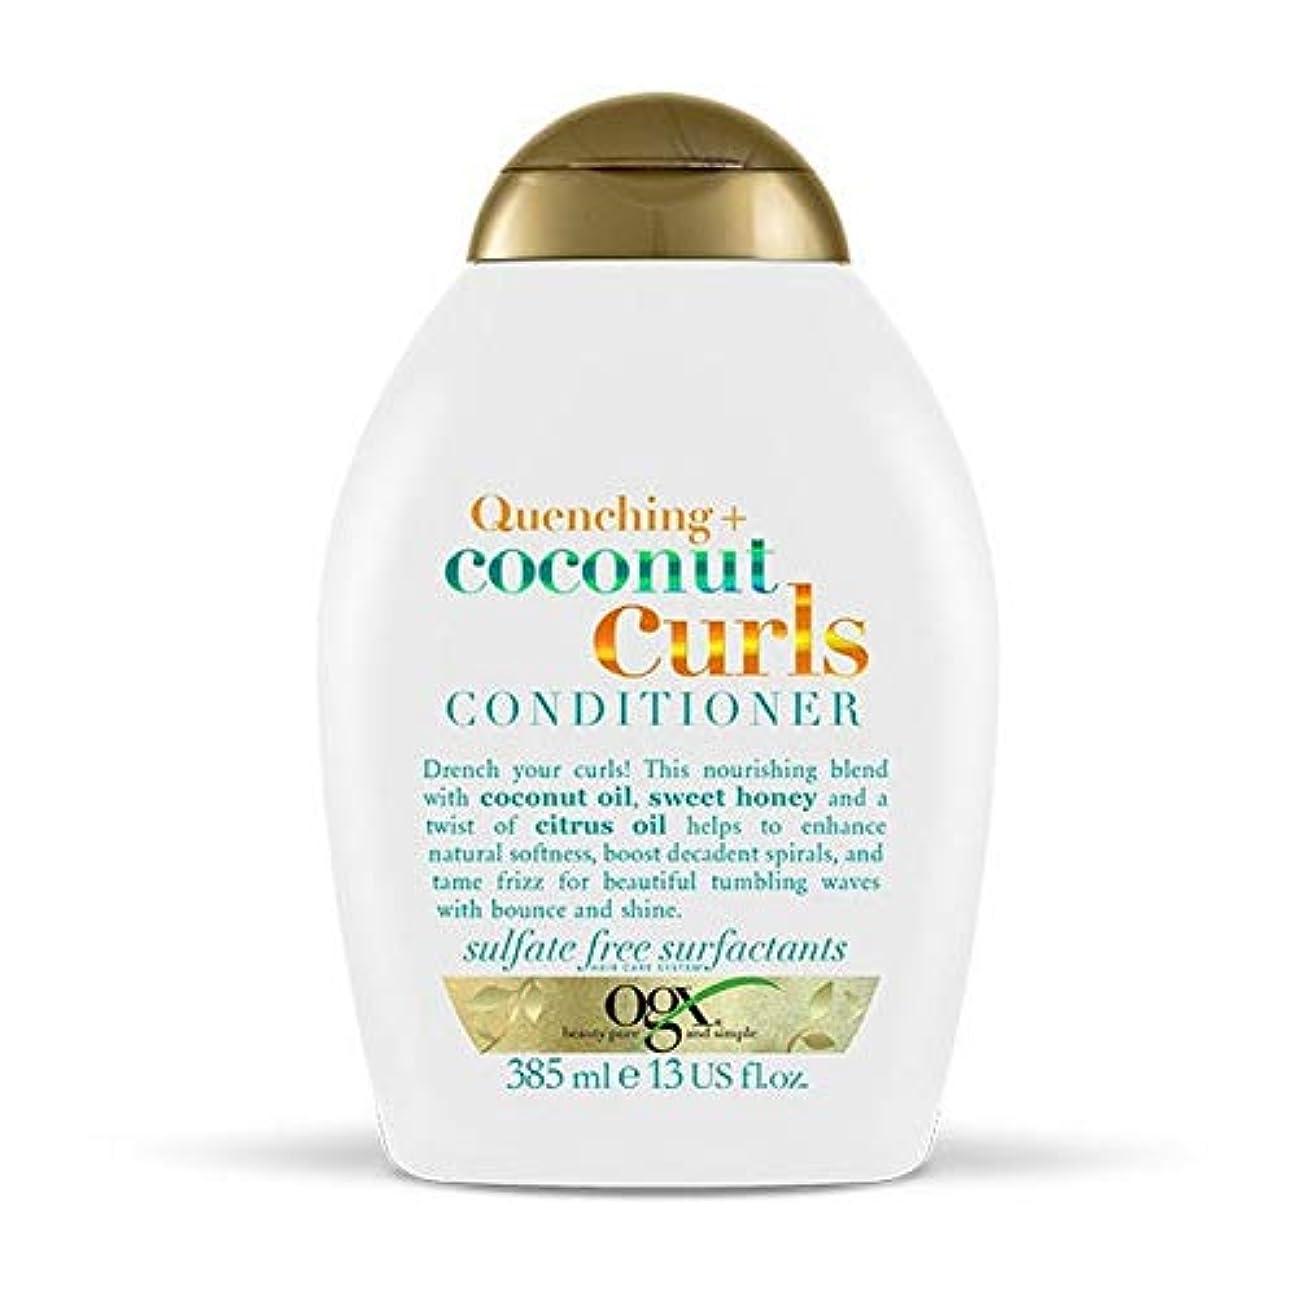 明示的に試してみるアイザック[Ogx] ココナッツカールコンディショナー385ミリリットルを急冷Ogx - OGX Quenching Coconut Curls Conditioner 385ml [並行輸入品]